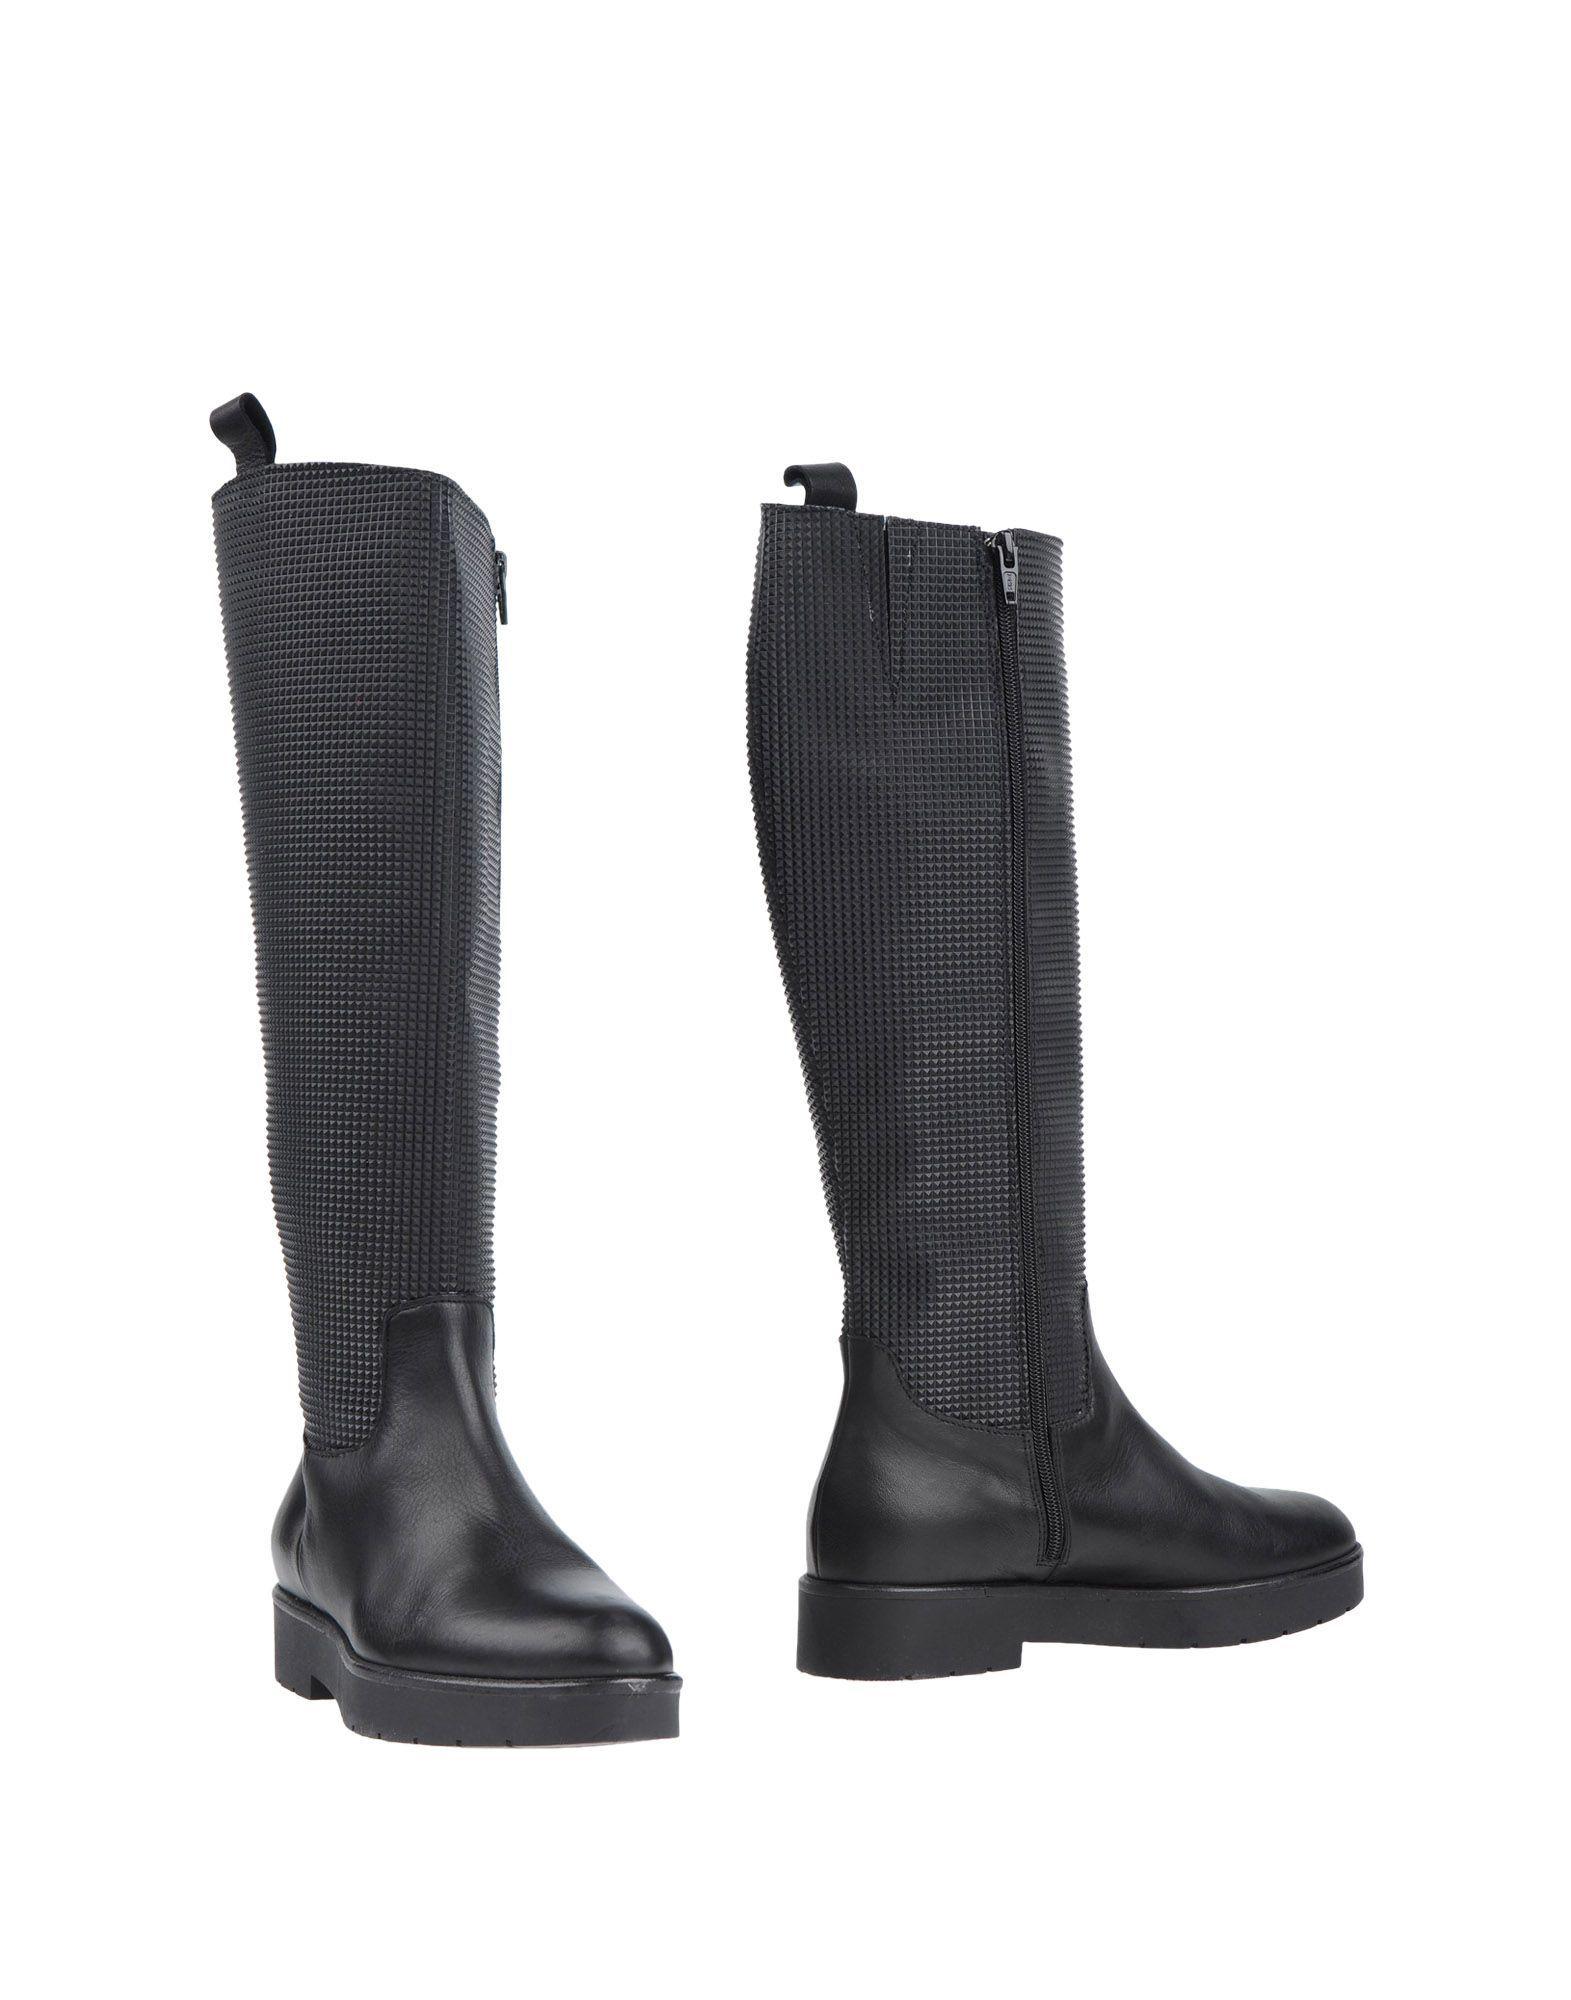 Footwear Unlace Black Women's Leather